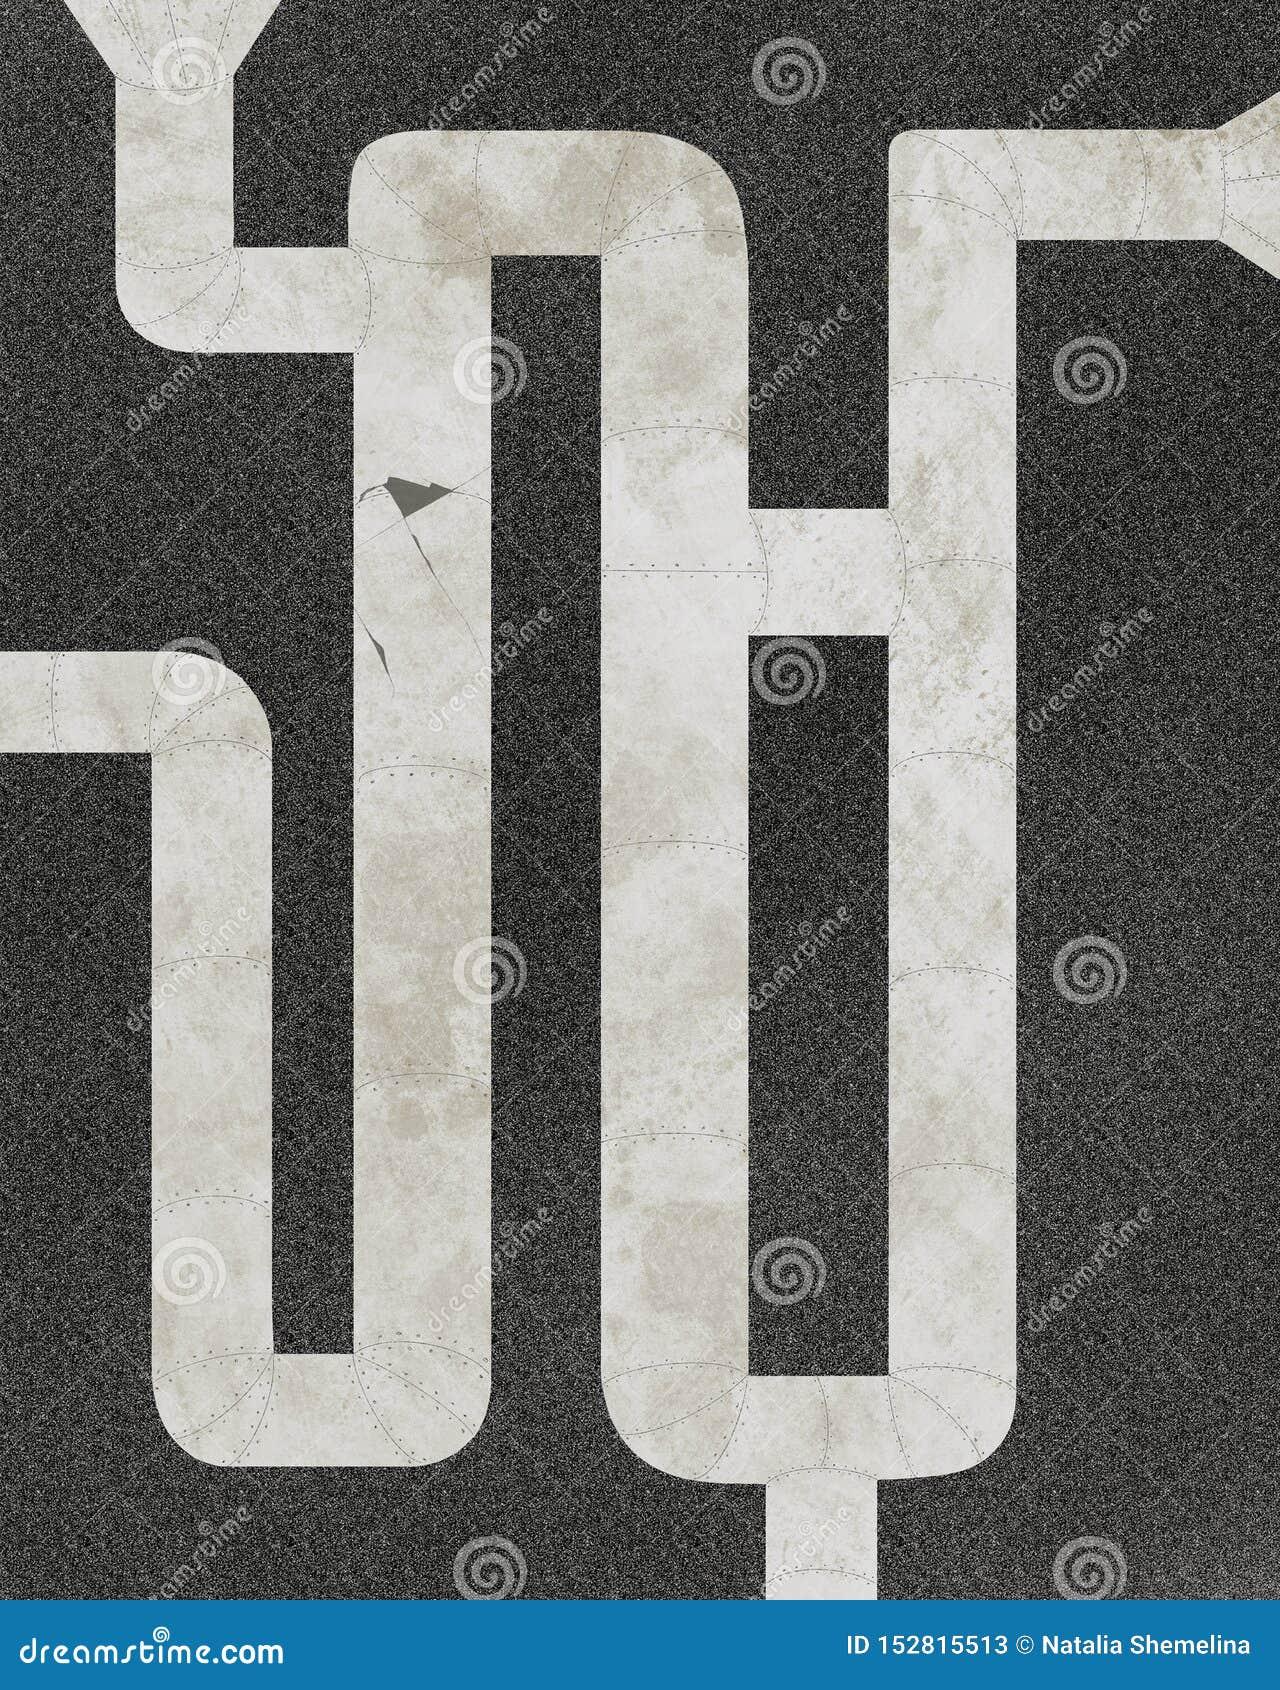 De gistna rostiga avklopprören, abstrakt illustration